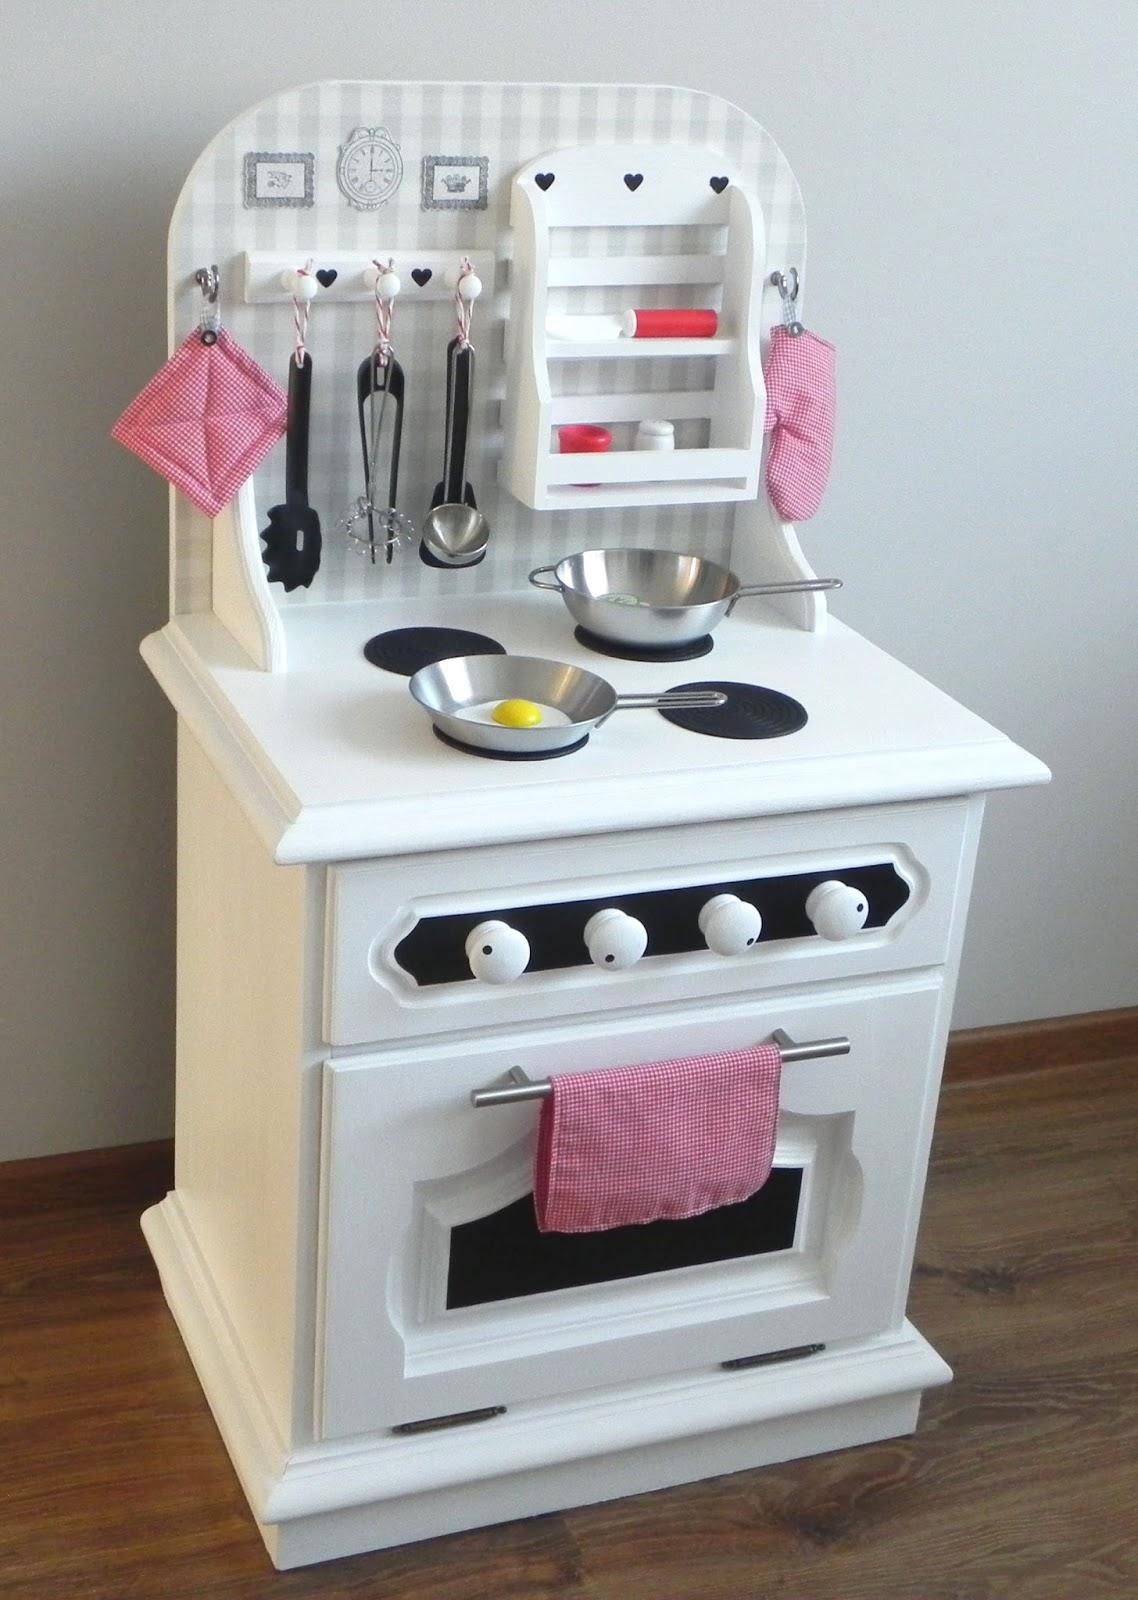 Kuchnia Dla Dzieci Diy